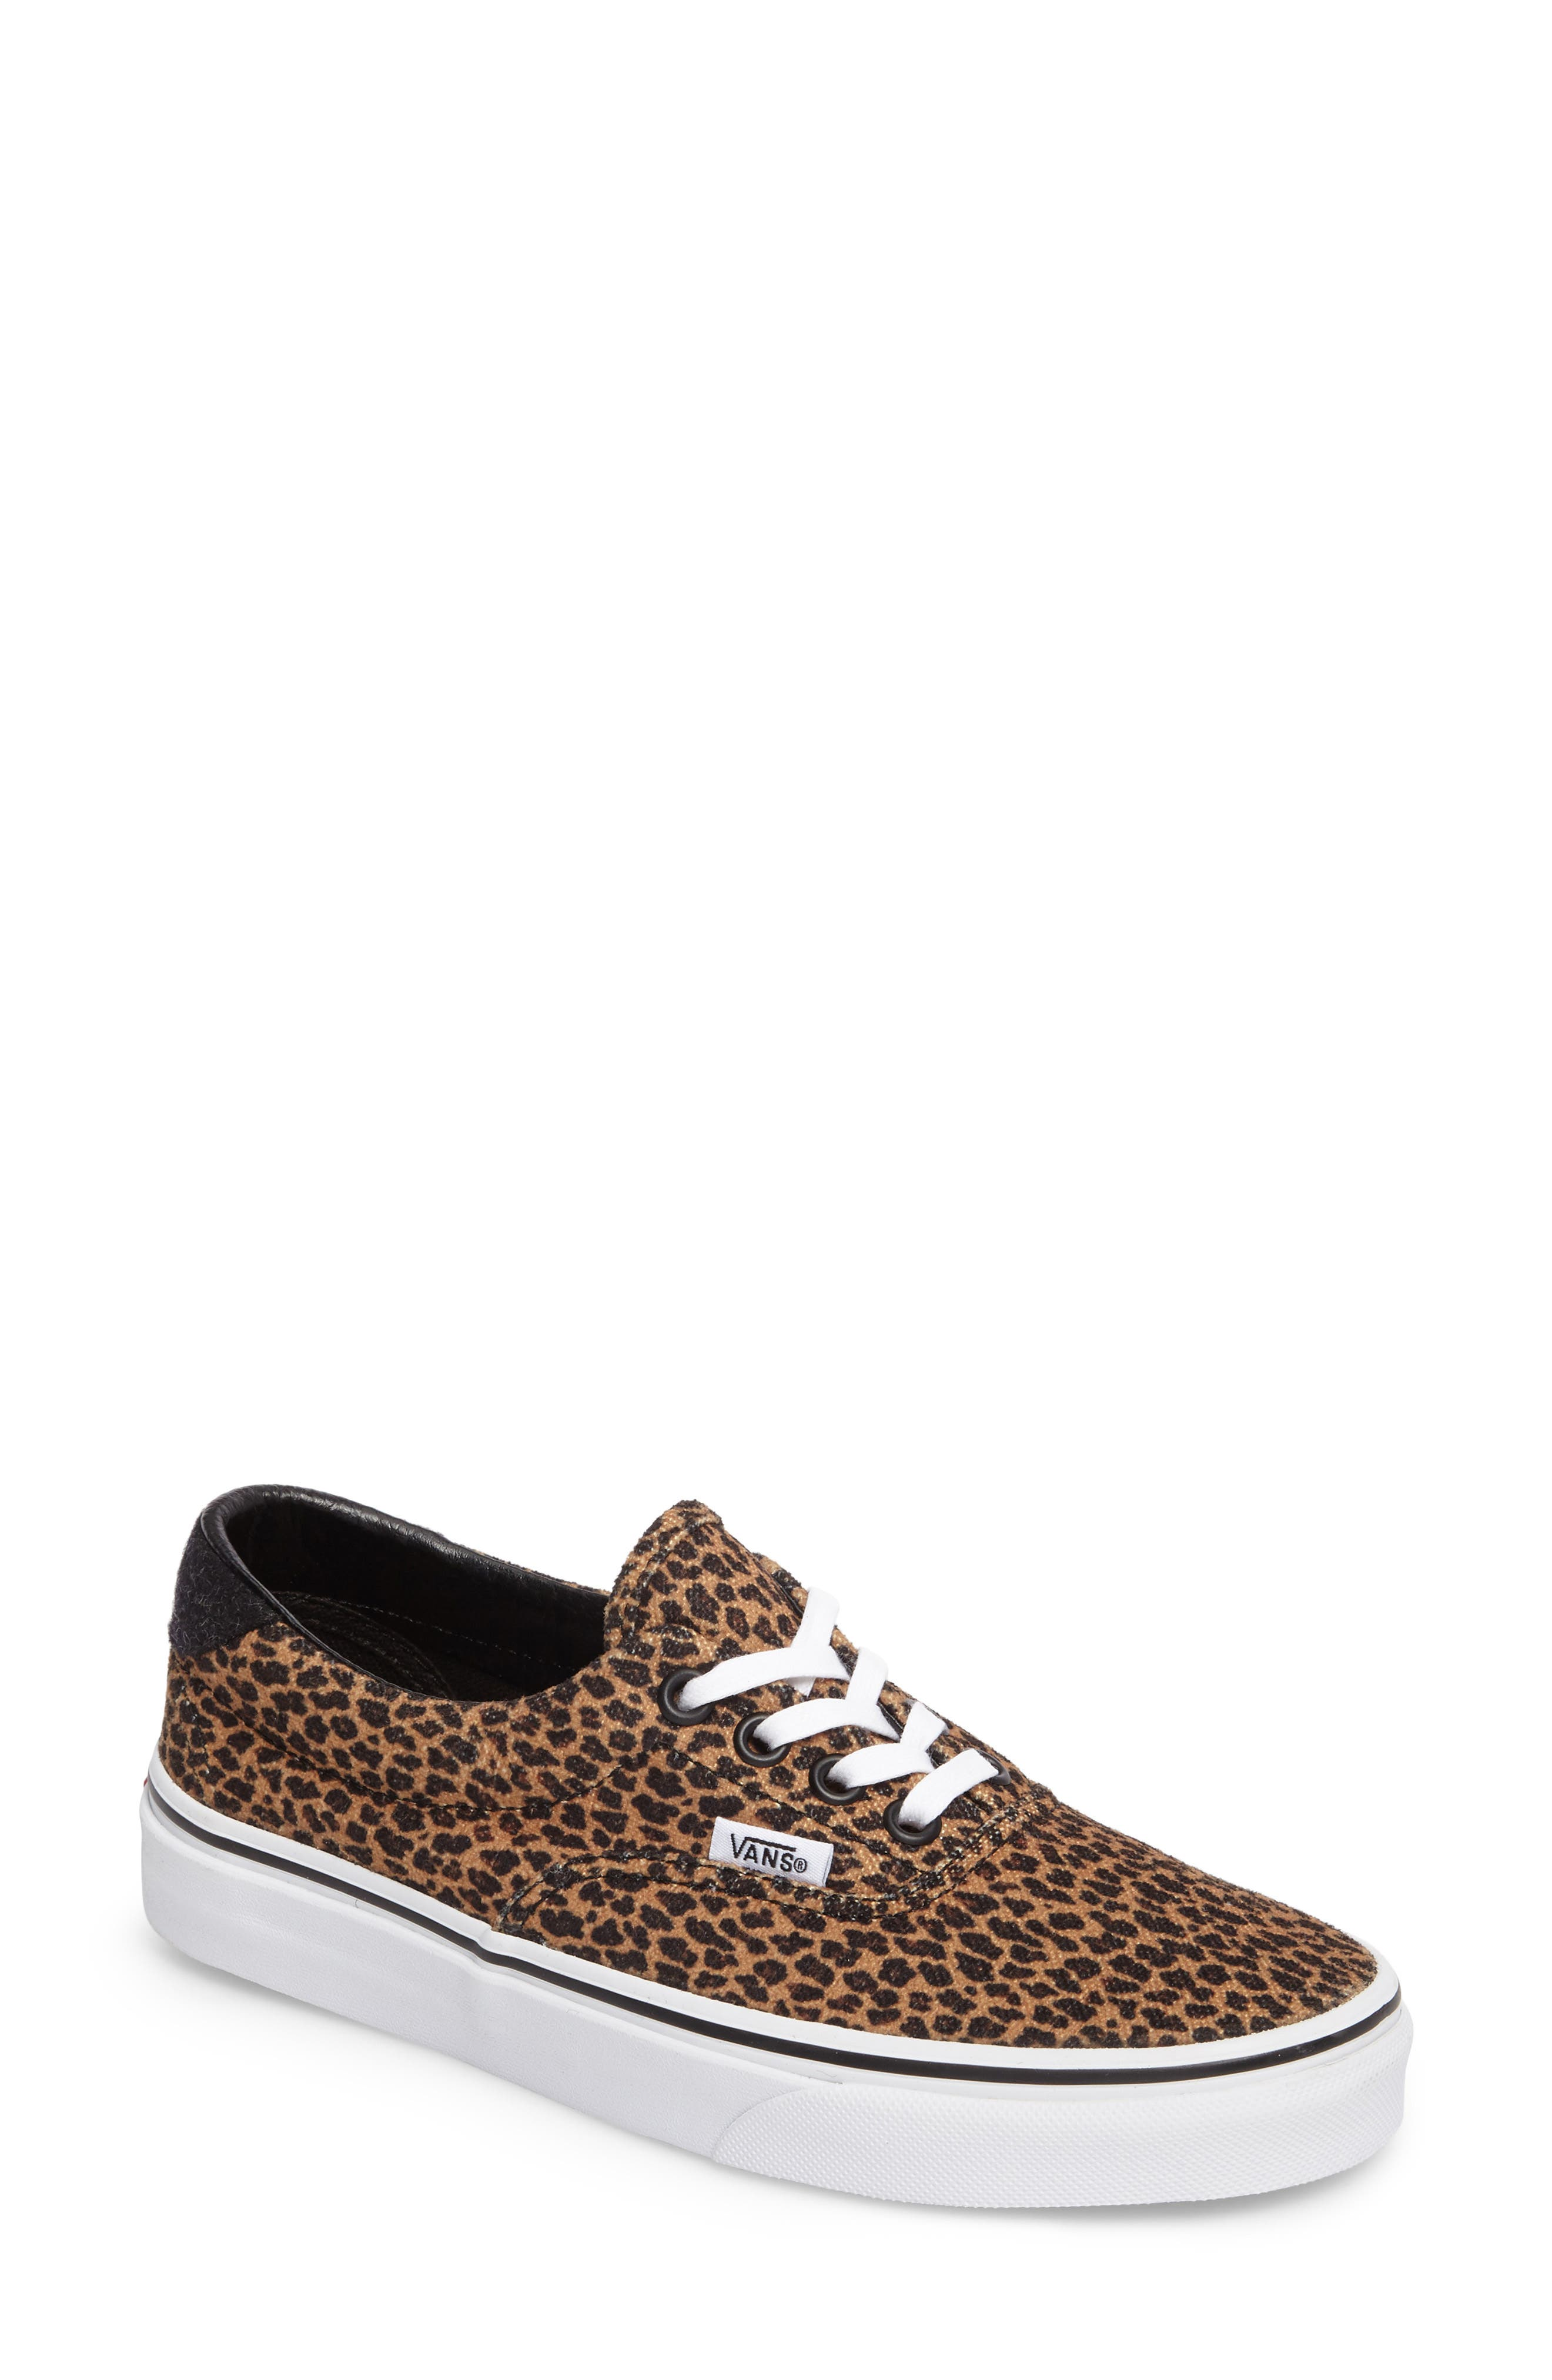 Vans Era 59 Sneaker (Women)